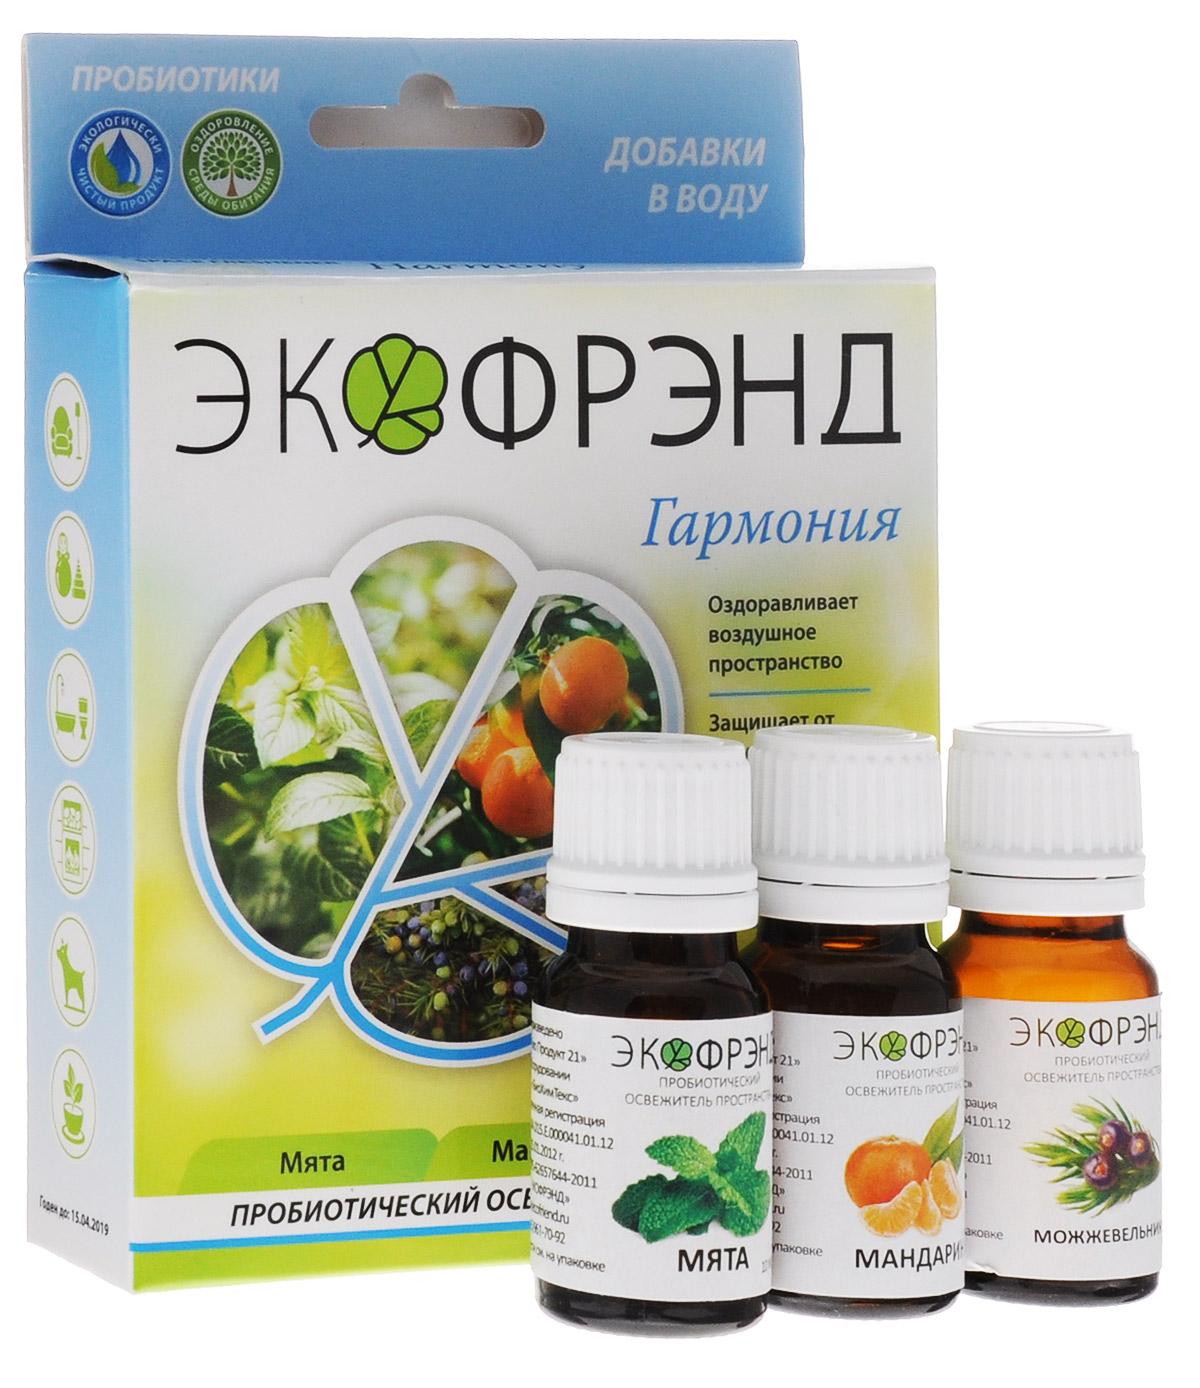 Экофрэнд Гармония пробиотический освежитель пространства мята мандарин можжевельникГАРМОНИЯЭкофренд Гармония - это экологичное пробиотическое средство - концентрат, на основе эфирного масла мяты. Средство устраняет пыль, гарь, смог, неприятные запахи, очищает воздух и создает защиту на микробиологическом уровне. Нейтрализует негативное воздействие окружающей среды и электромагнитное излучение, оздоравливает воздушное пространство. Освежитель не разрушает озоновый слой, не раздражает кожу и дыхательные пути. Эфирное масло мяты, входящее в состав, очень хорошо успокаивает и восстанавливает силы, устраняя нервное перевозбуждение и нервозность вследствие недосыпания. Устройства для применения: климатическая установка, моющий пылесос, парогенератор, распылитель, увлажнитель Области применения: баня, автомобиль, детская, животные, гостиная, кухня, прихожая, ванная, цветы